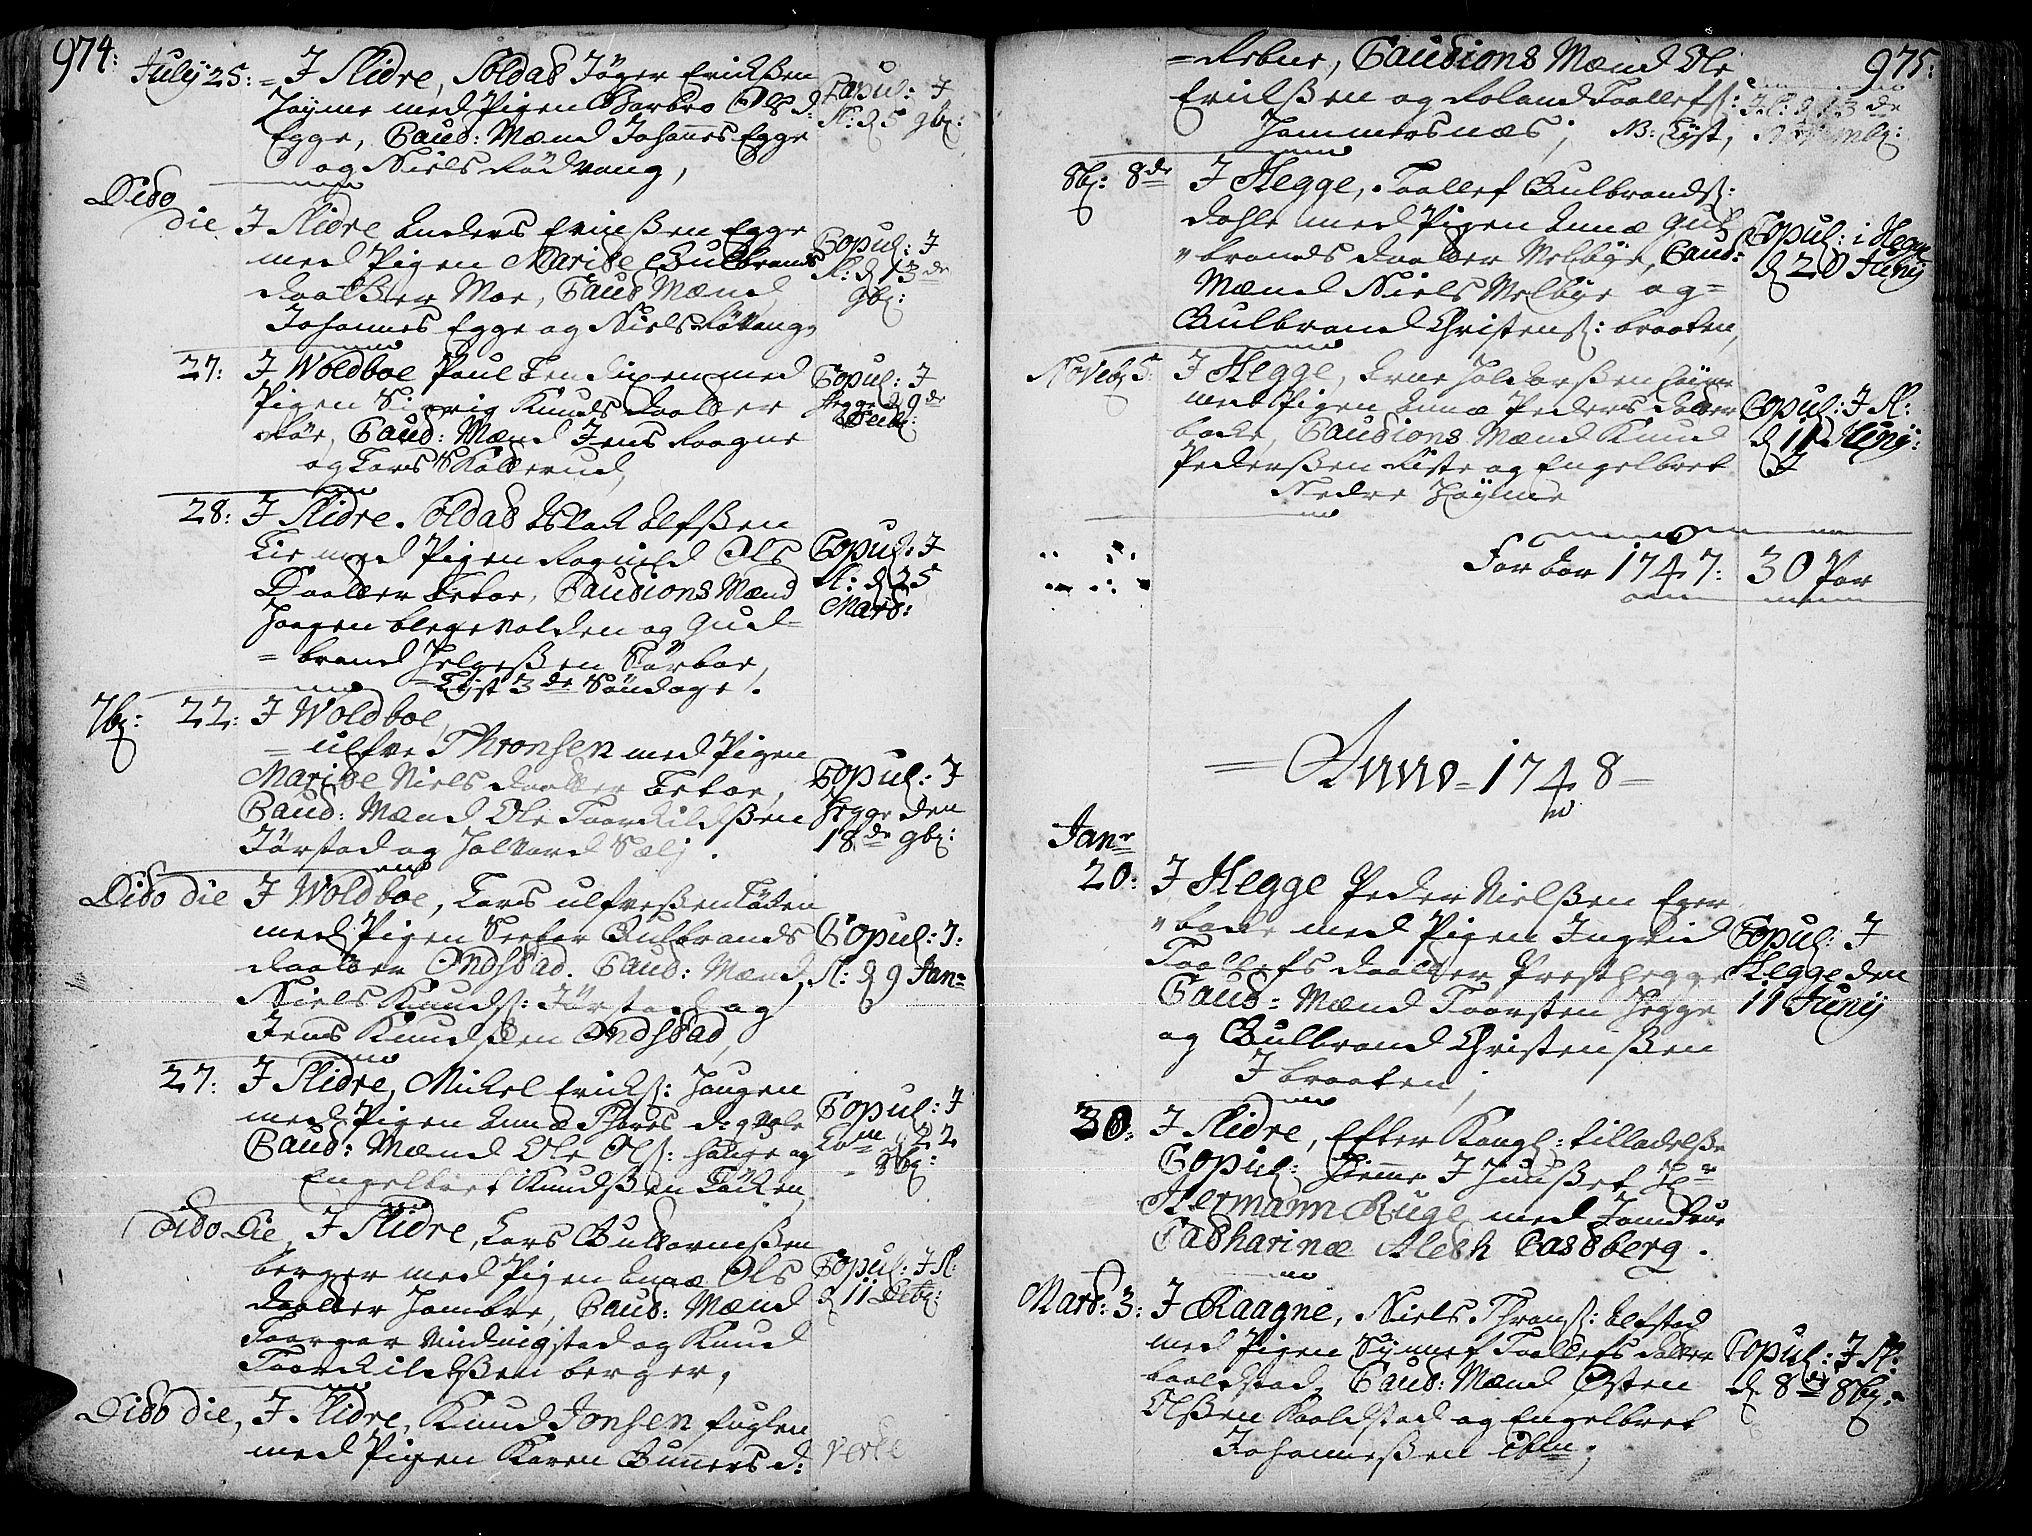 SAH, Slidre prestekontor, Ministerialbok nr. 1, 1724-1814, s. 974-975